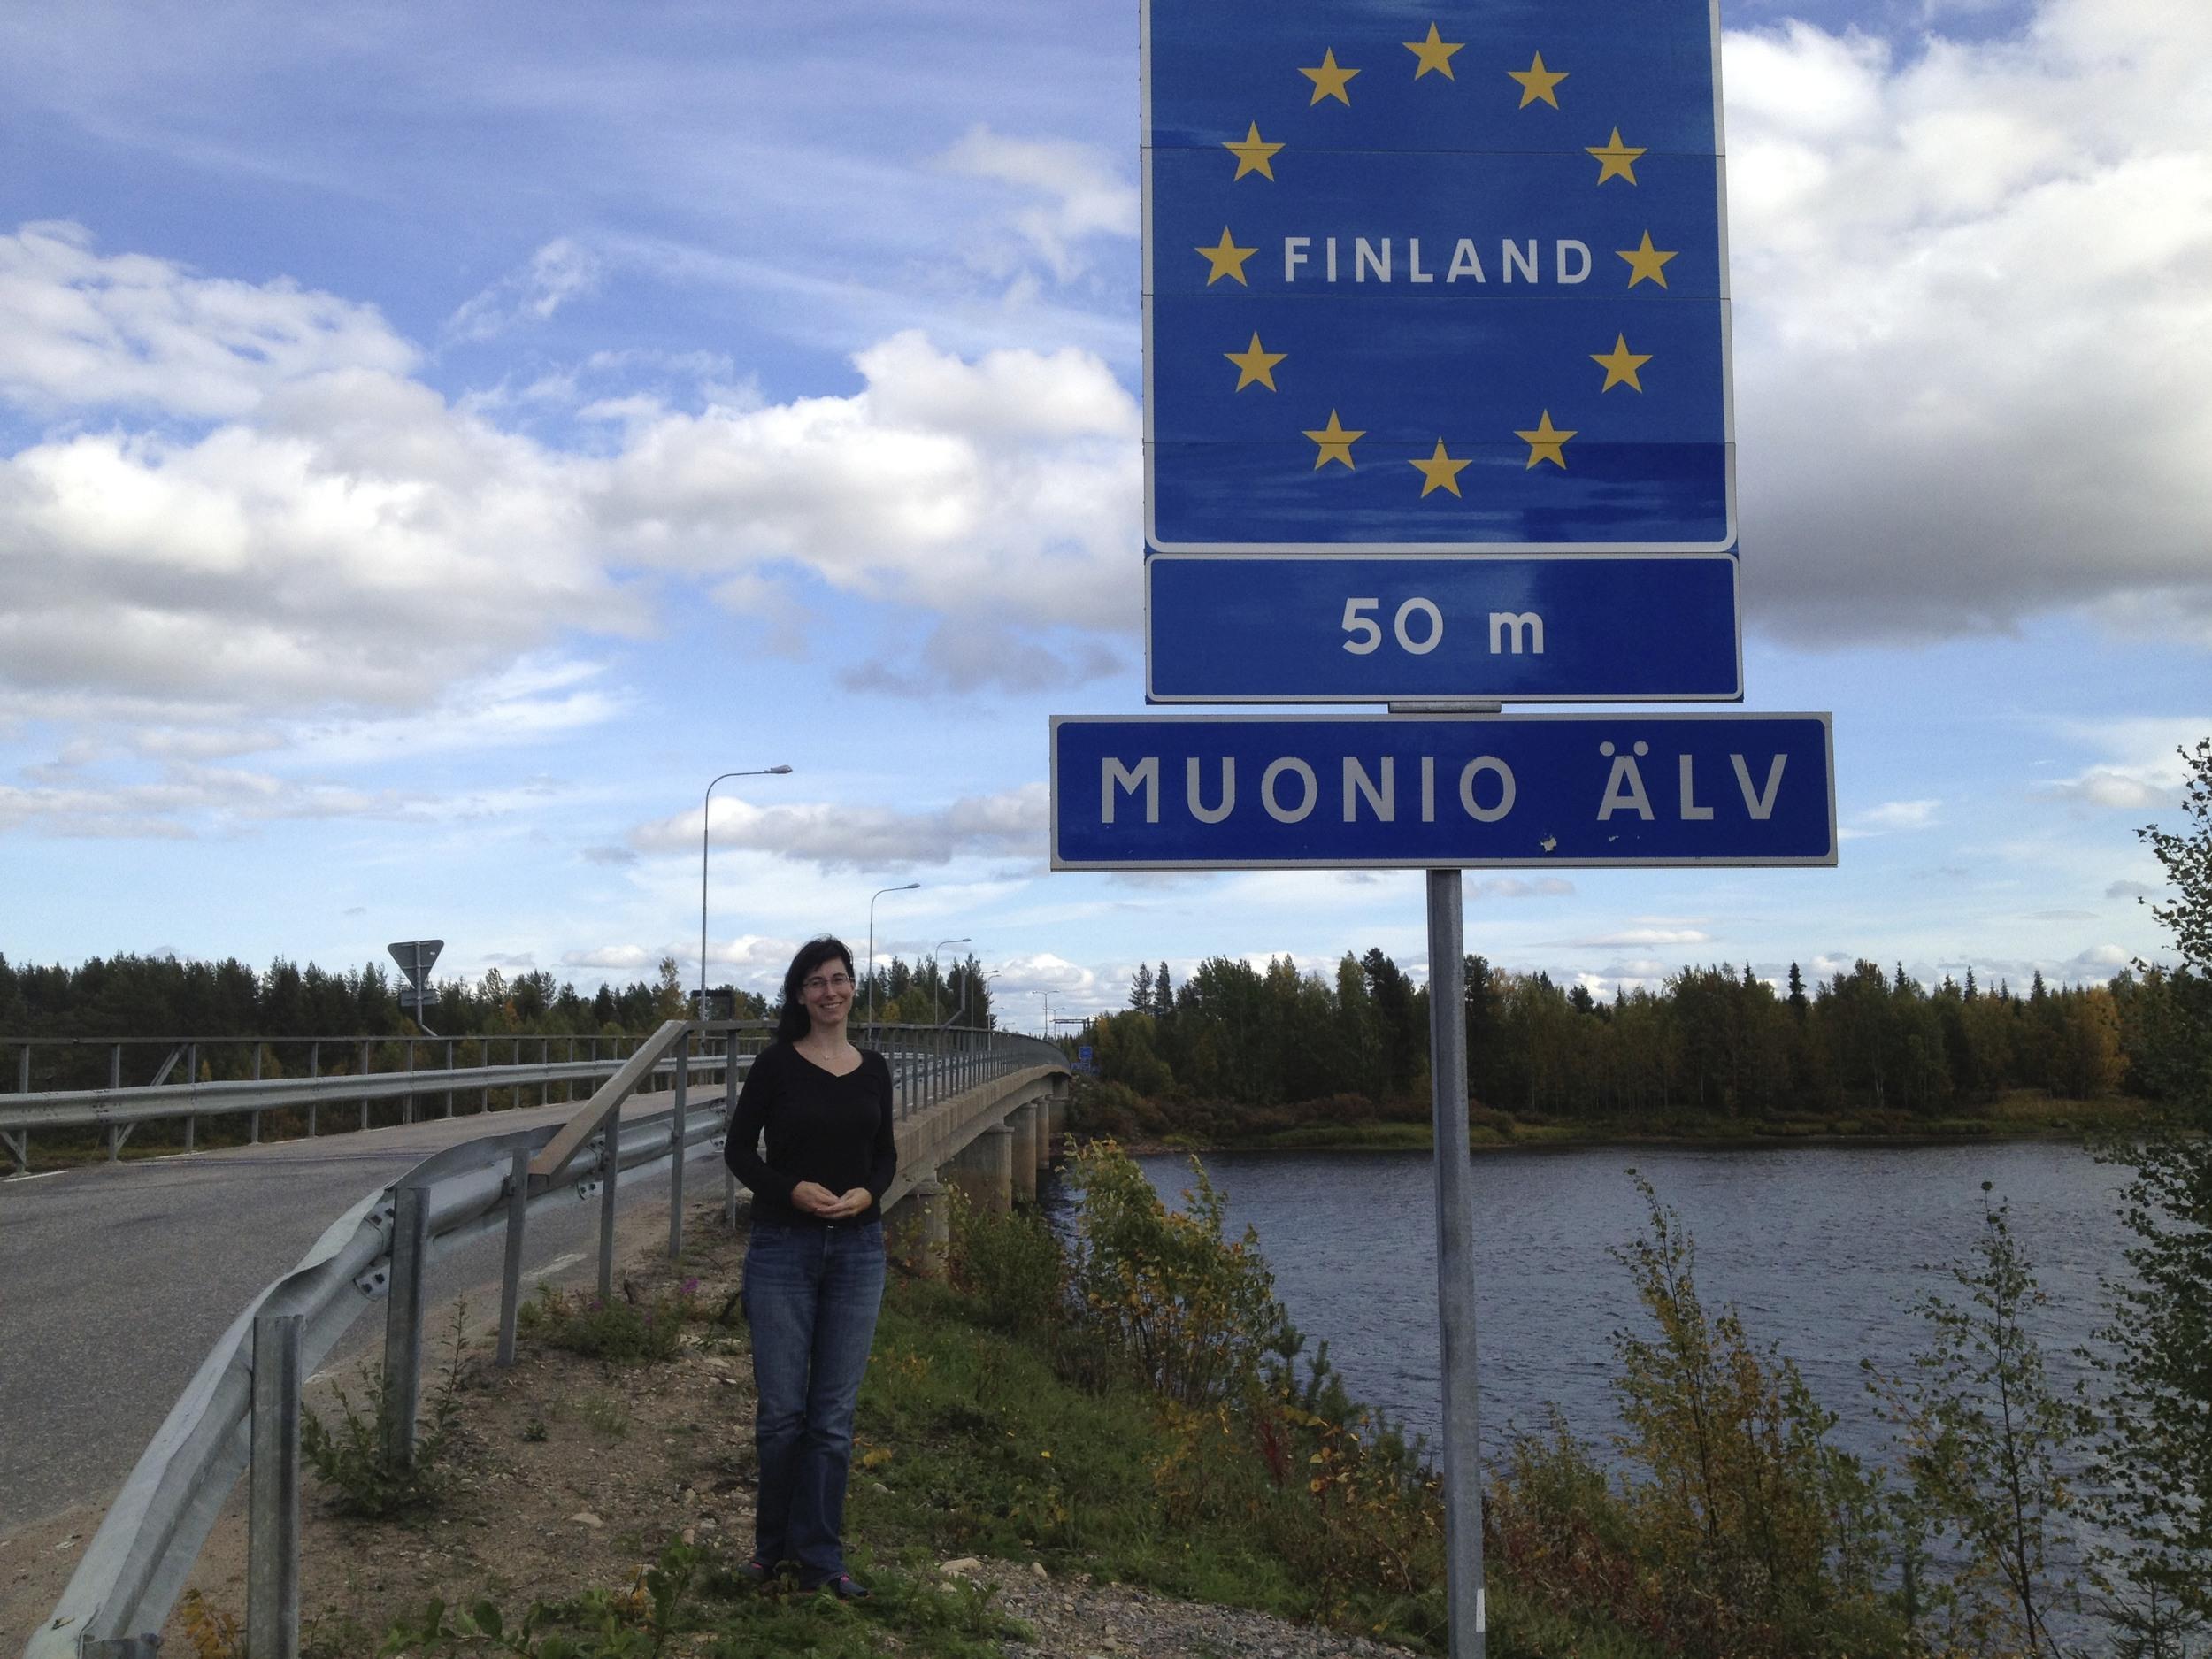 Still on Swedish soil